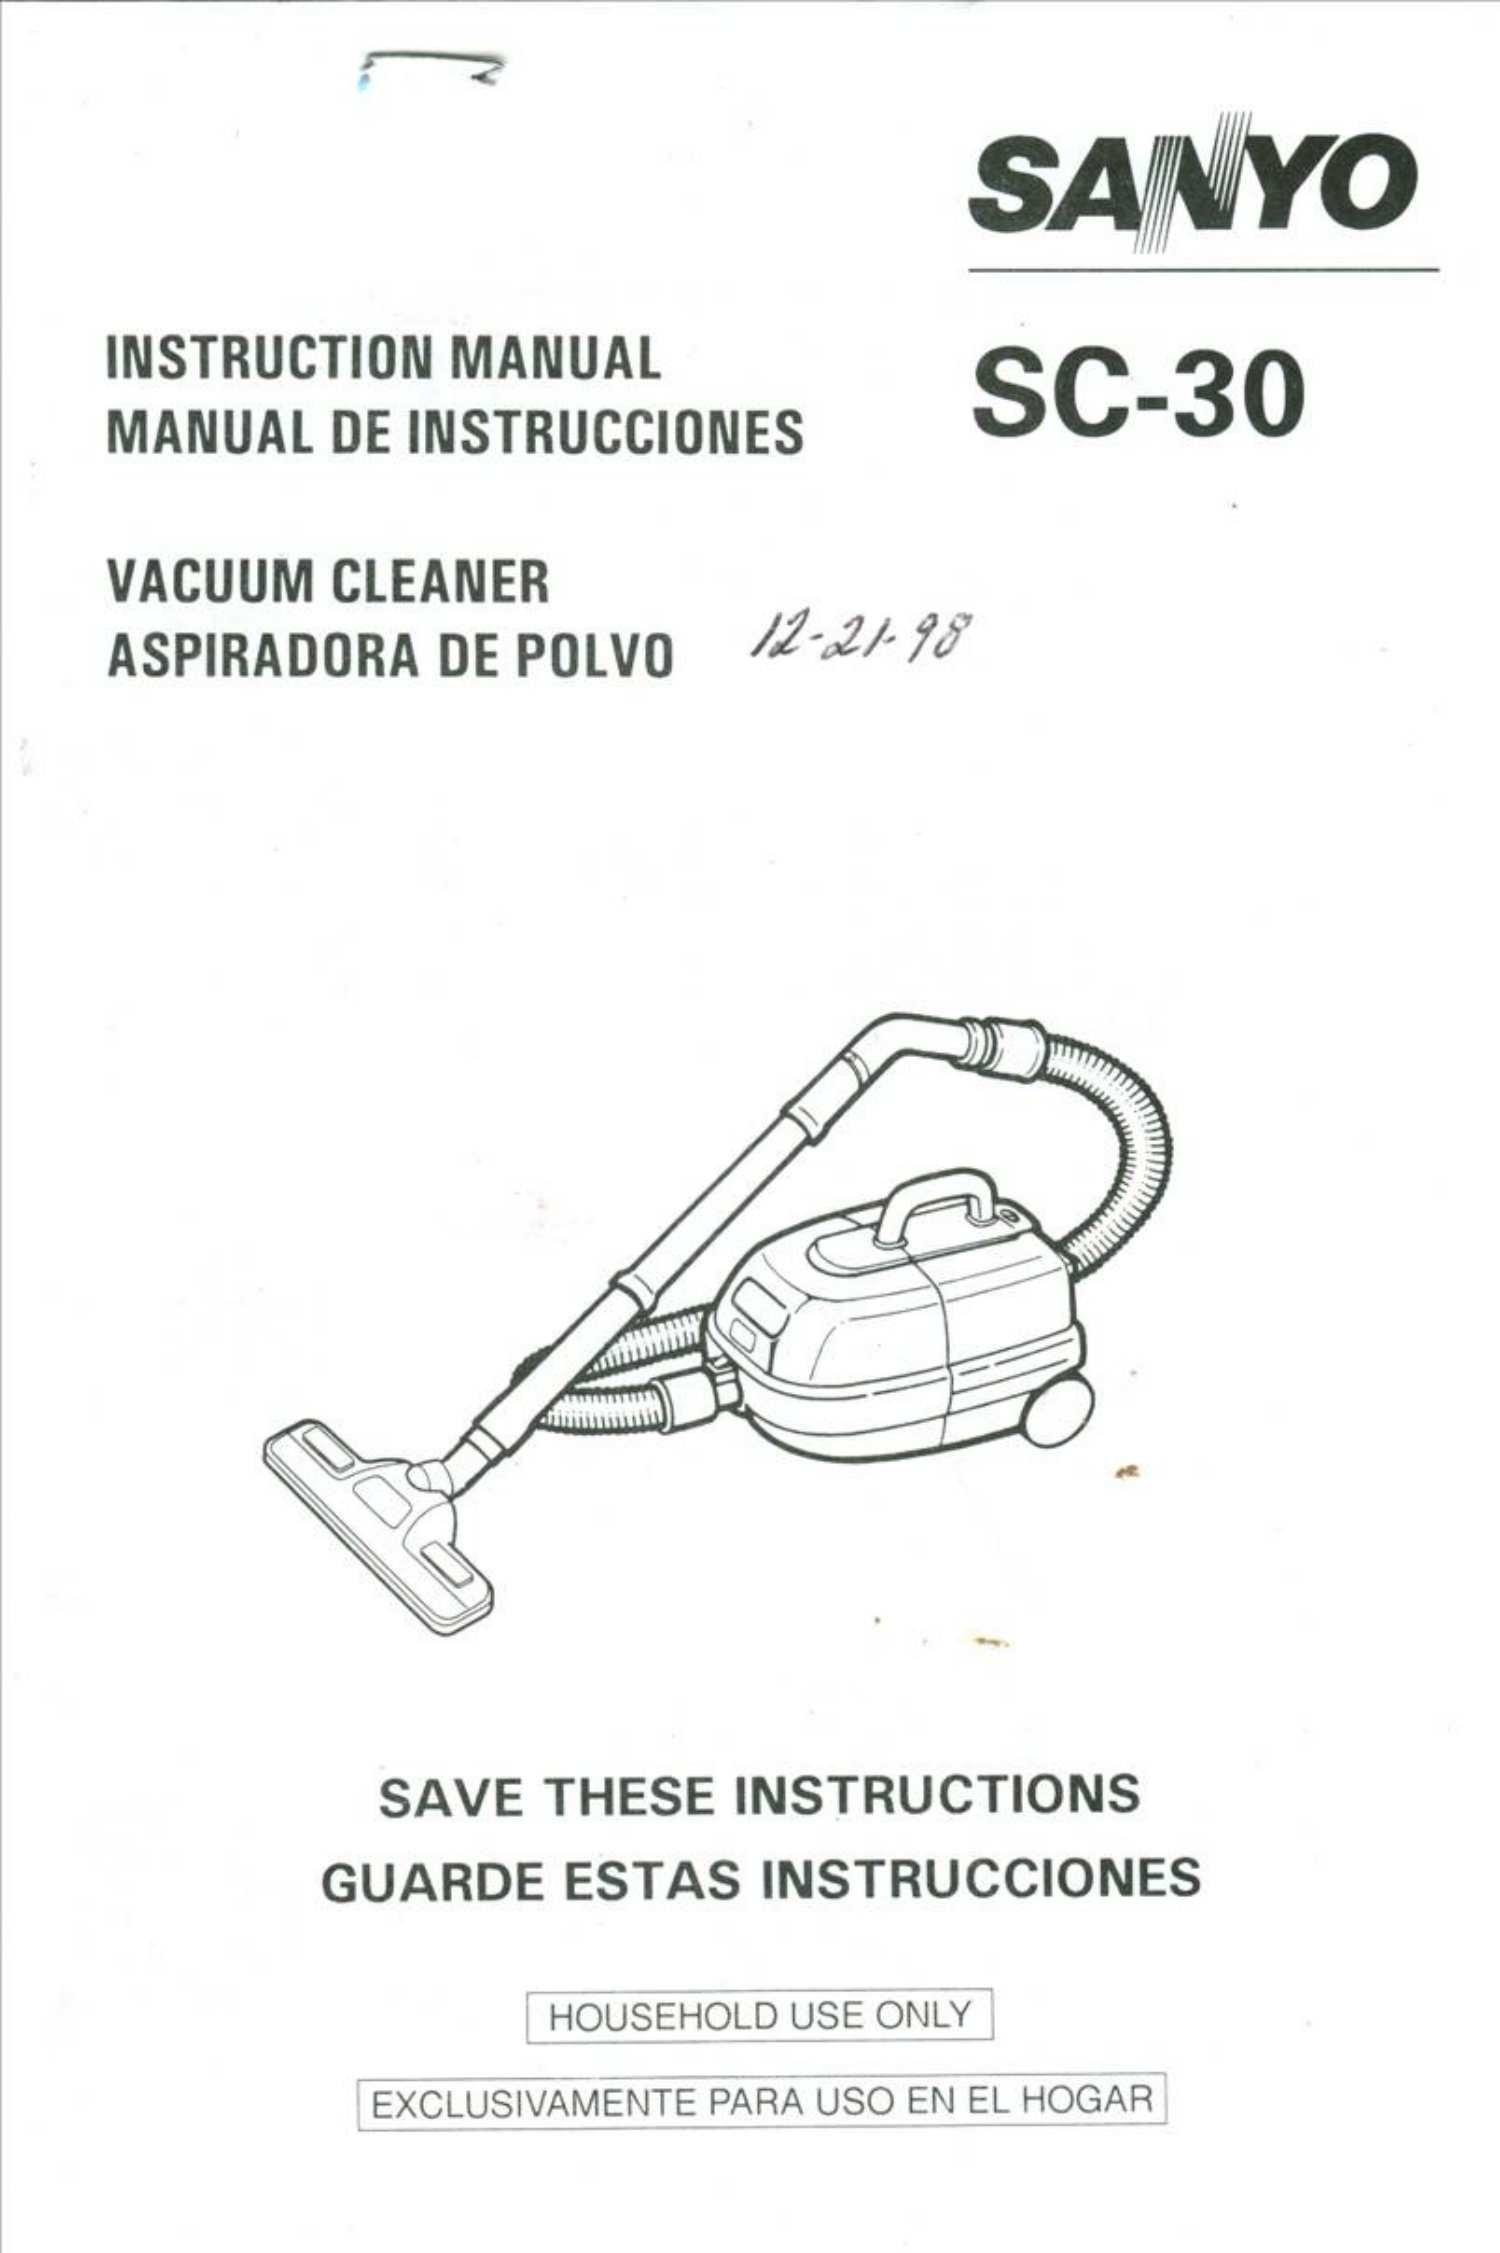 Sanyo SC-30 Instruction Manual - Part # 9BF-6P111-22100: Sanyo: Amazon.com:  Books